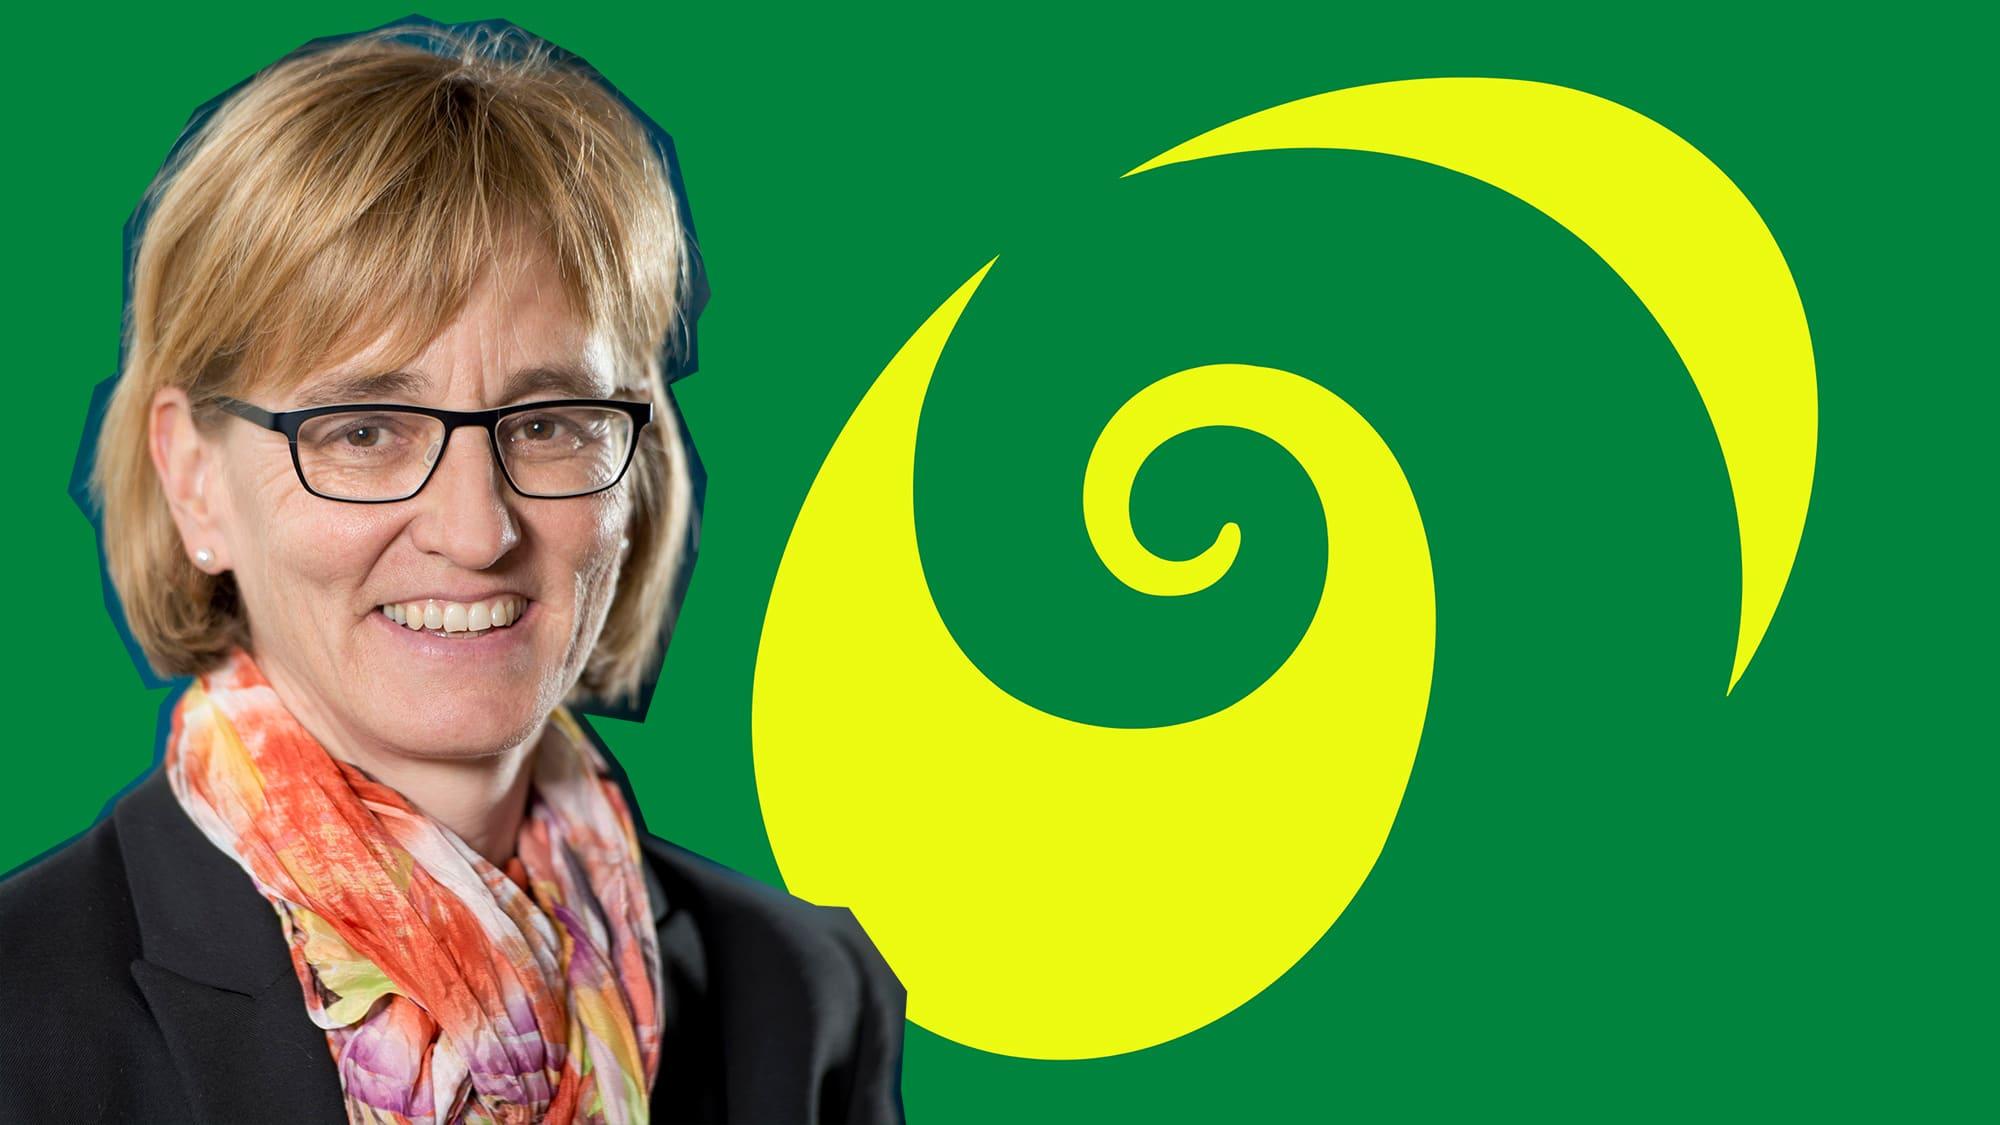 Yvonne Hunkeler übernimmt das Präsidium im BVB-Verwaltungsrat.